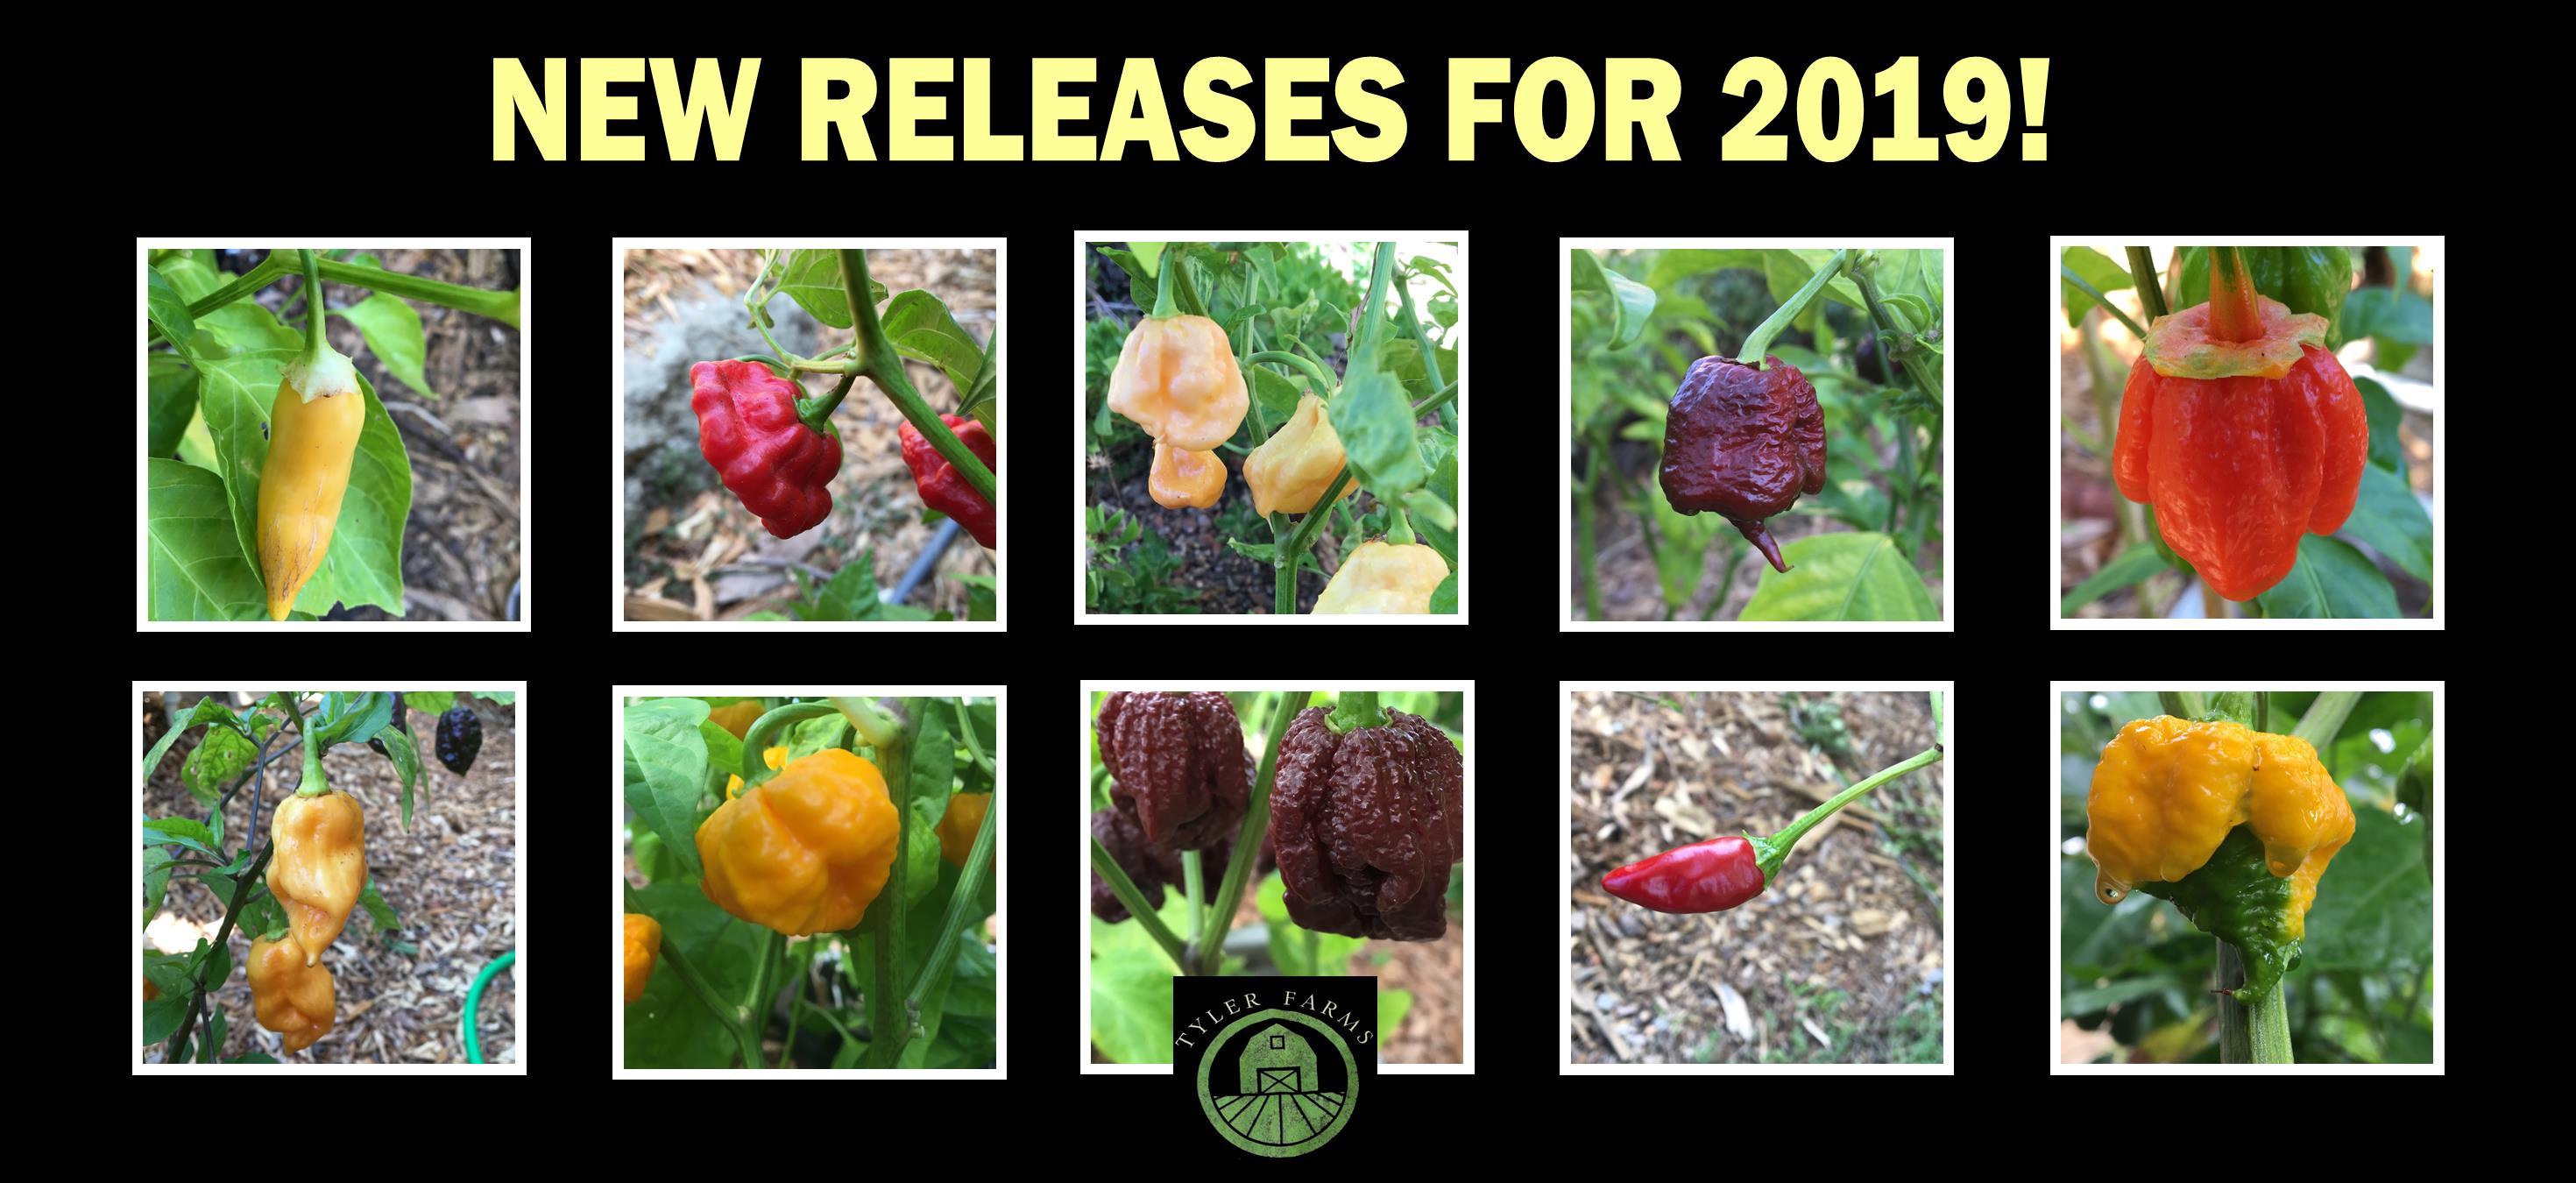 new-releases-for-2019-caro.jpg